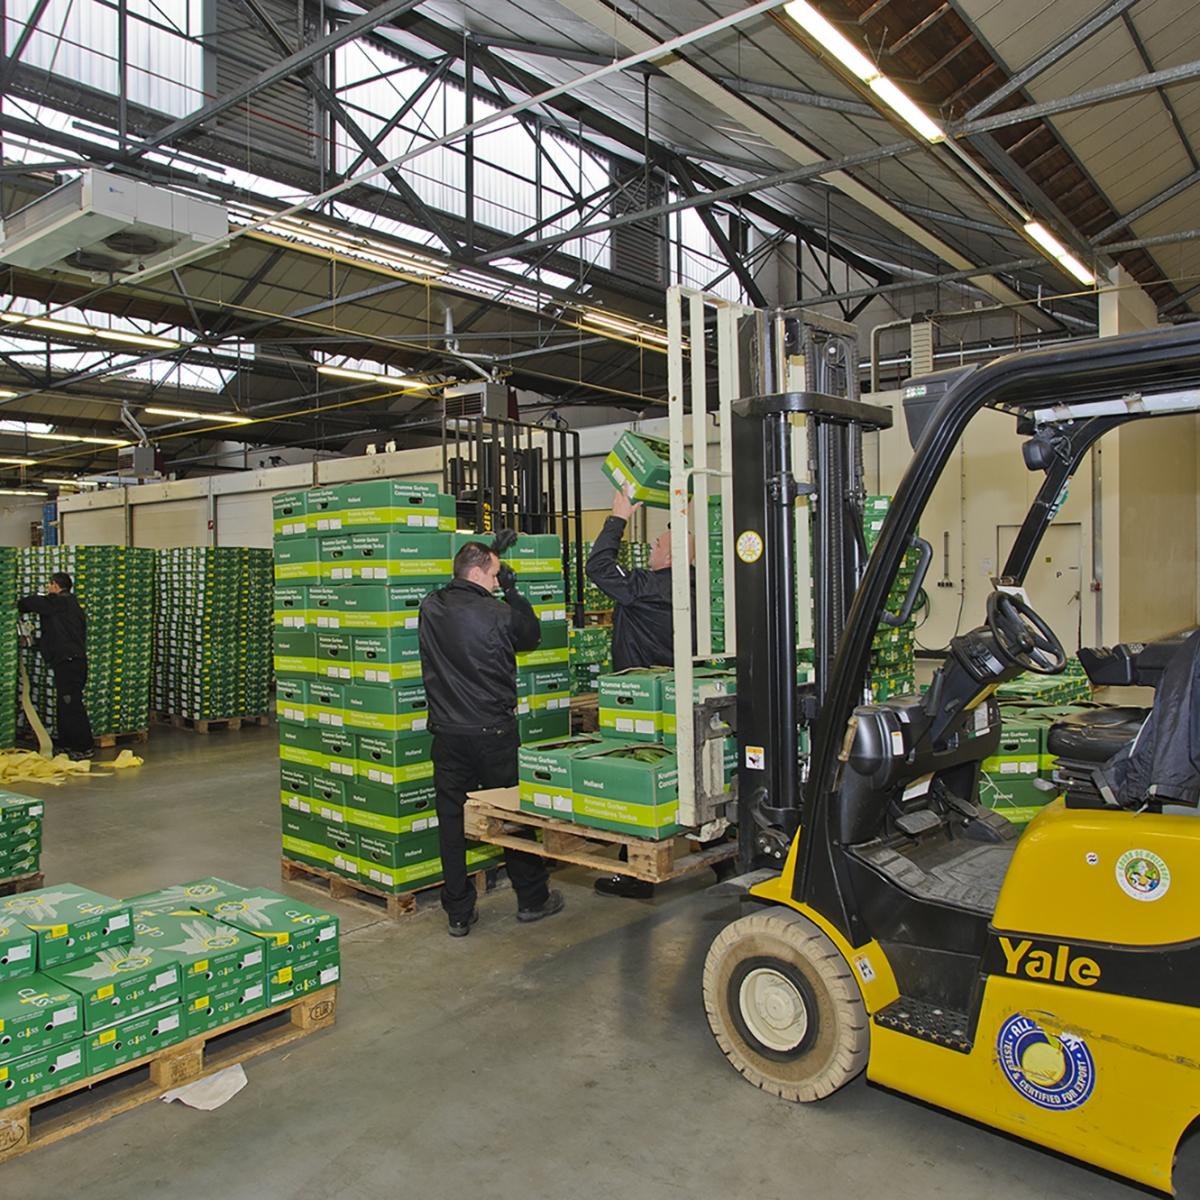 Komkommers en tomaten rechtstreeks uit de Westlandse kassen. Verser kan haast niet: het succesverhaal van Witkamp